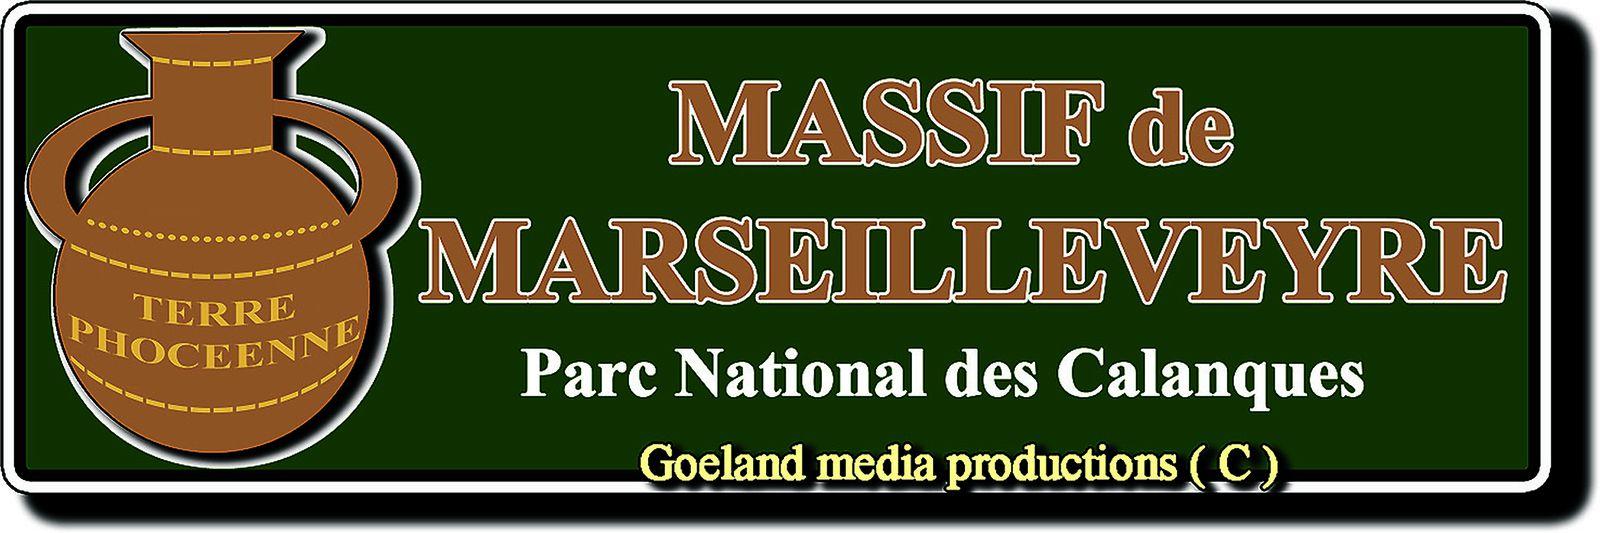 Massif de MARSEILLEVEYRE -  goelandmedi.prod@gmail.com (c) - CALANQUES - Marseille ( Dpt 13 )